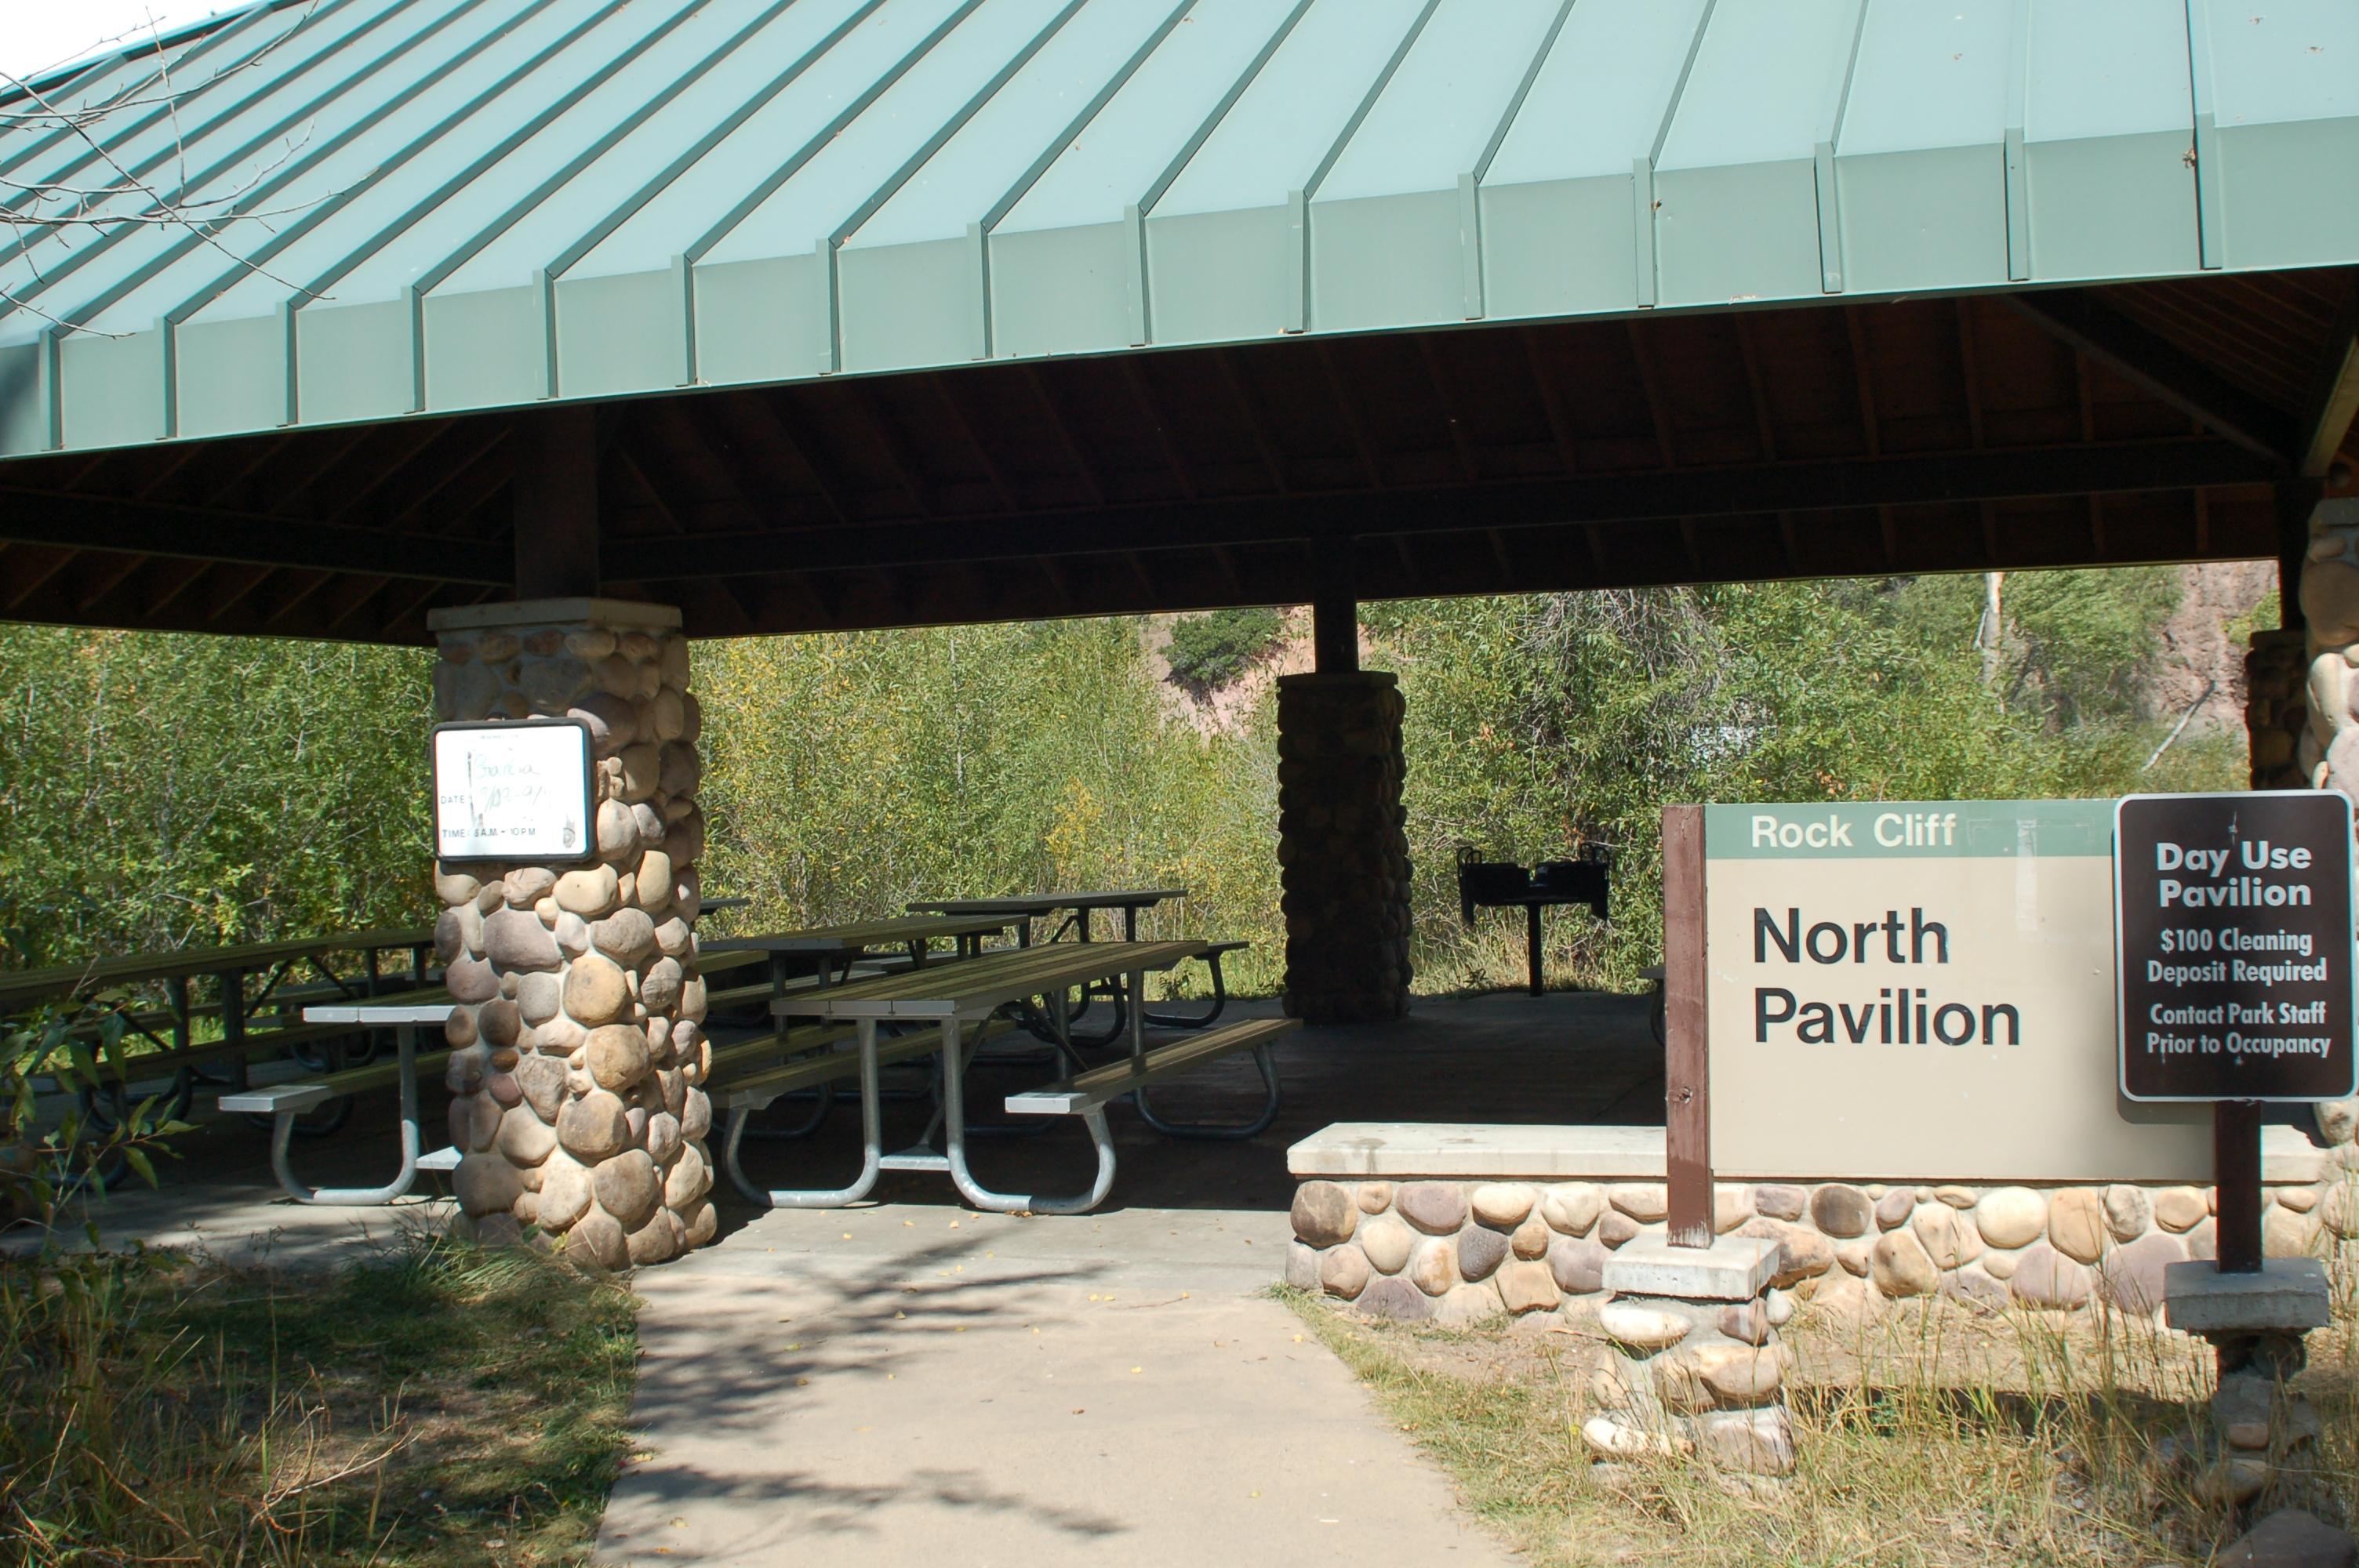 North Pavilion a